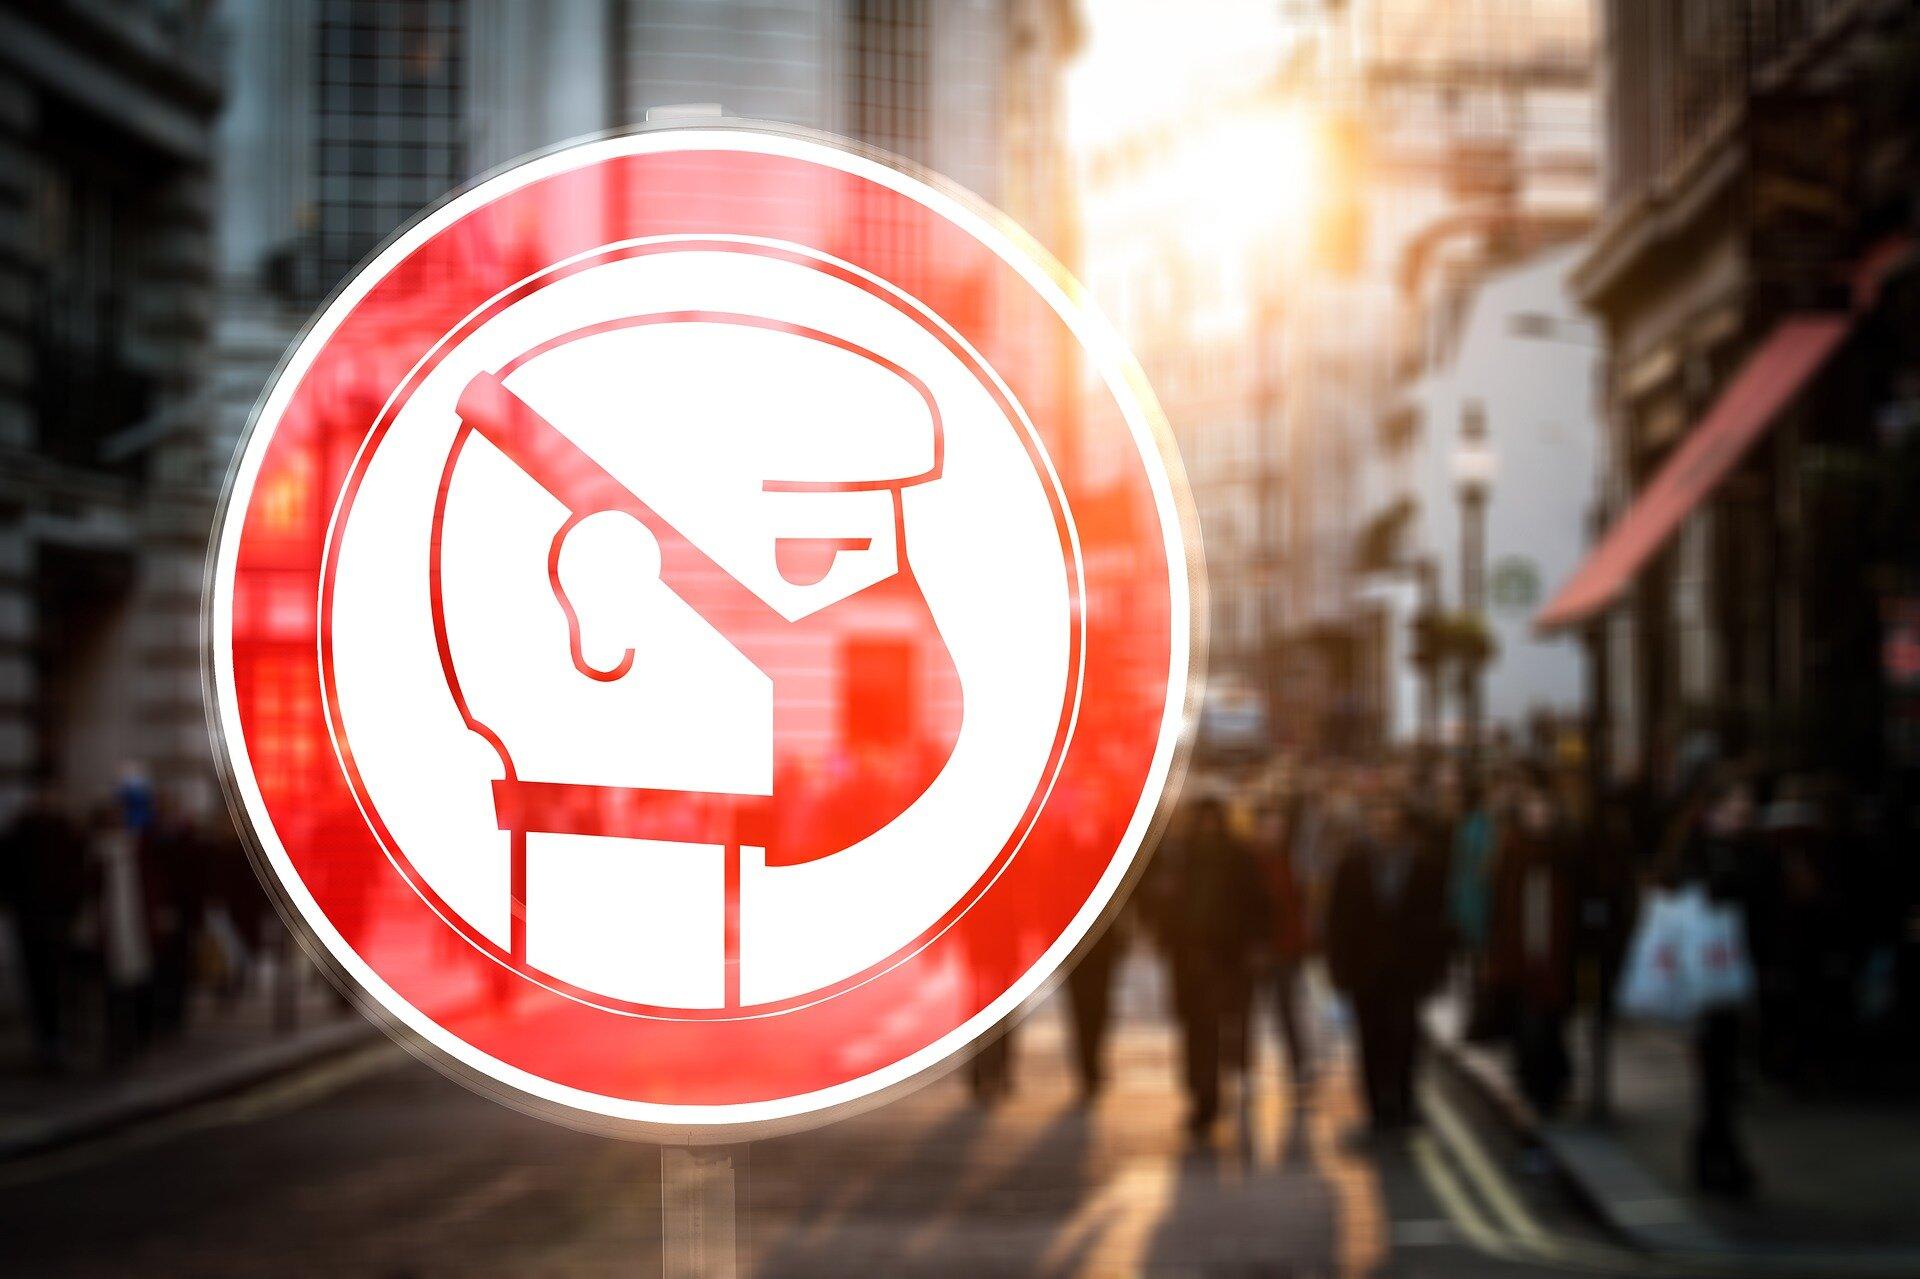 Malta makes face masks mandatory in public, prohibits large gatherings